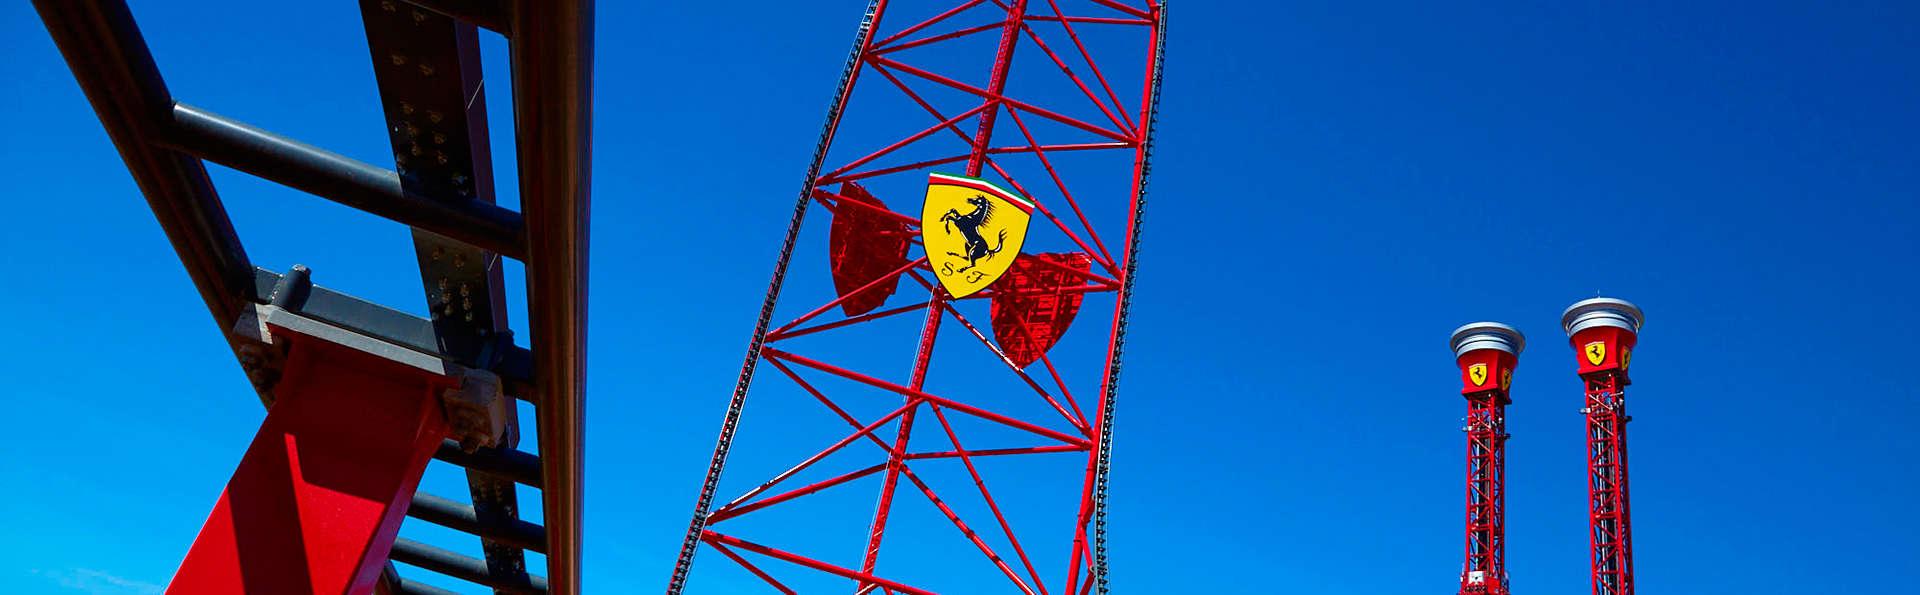 Spécial aventure : découvrez le nouveau parc Ferrari Land et Port Aventura (à partir de 2 nuits)